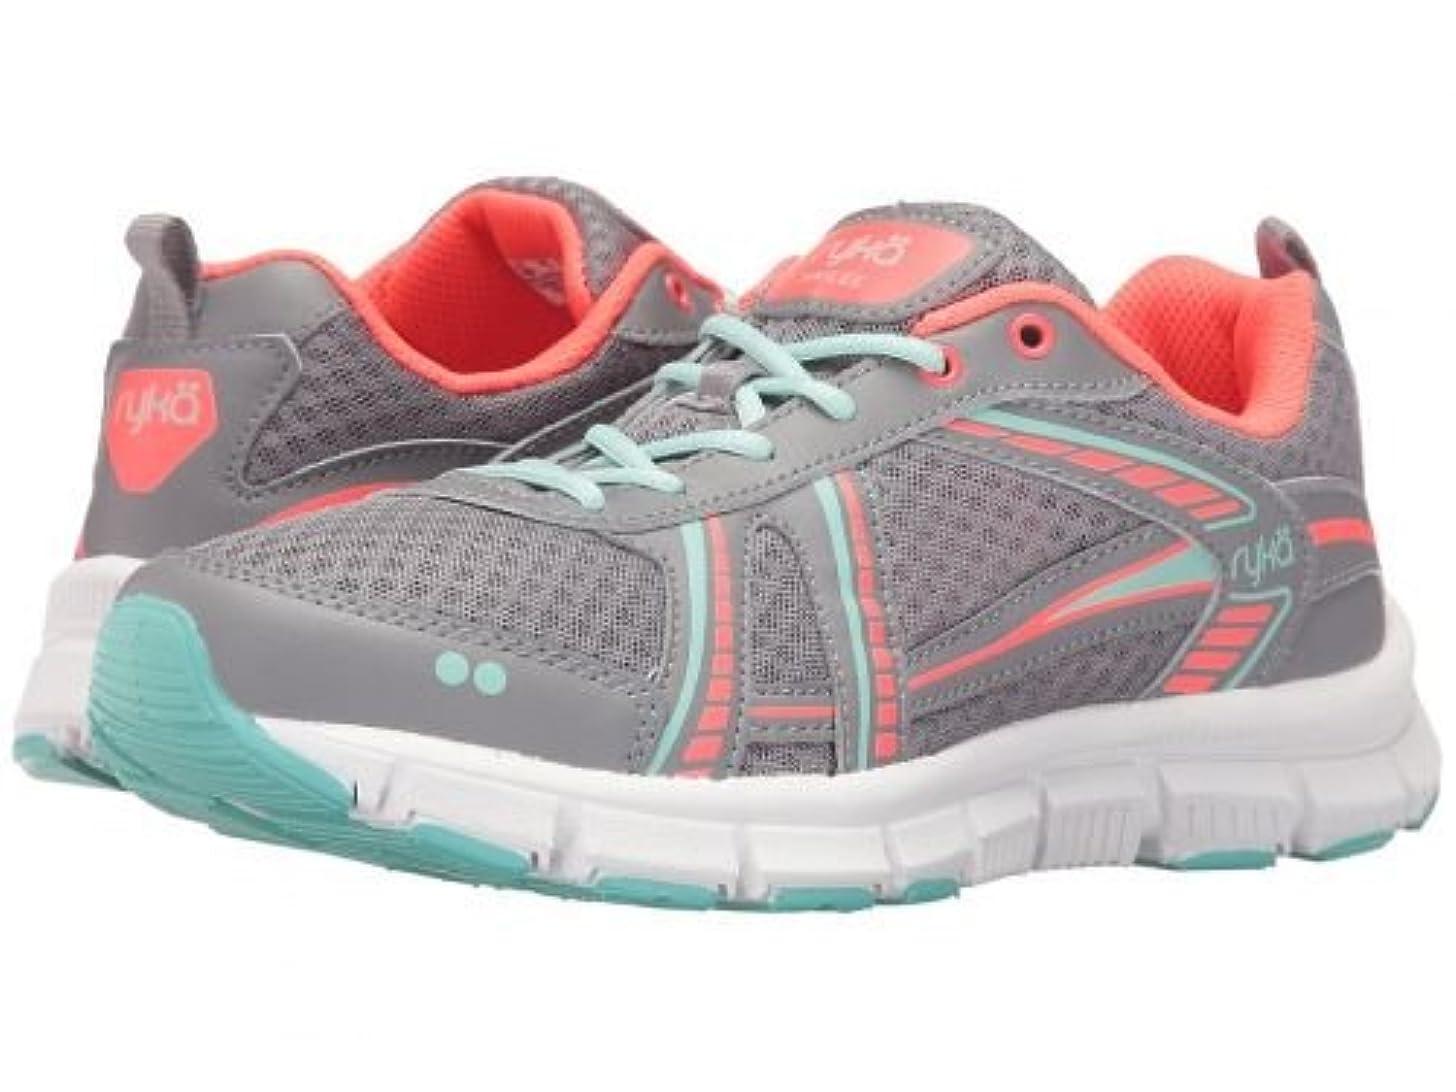 に勝るウミウシヒューバートハドソンRyka(ライカ) レディース 女性用 シューズ 靴 スニーカー 運動靴 Hailee SMT - Frost Grey/Eggshell Blue/Electric Coral 6.5 B - Medium [並行輸入品]